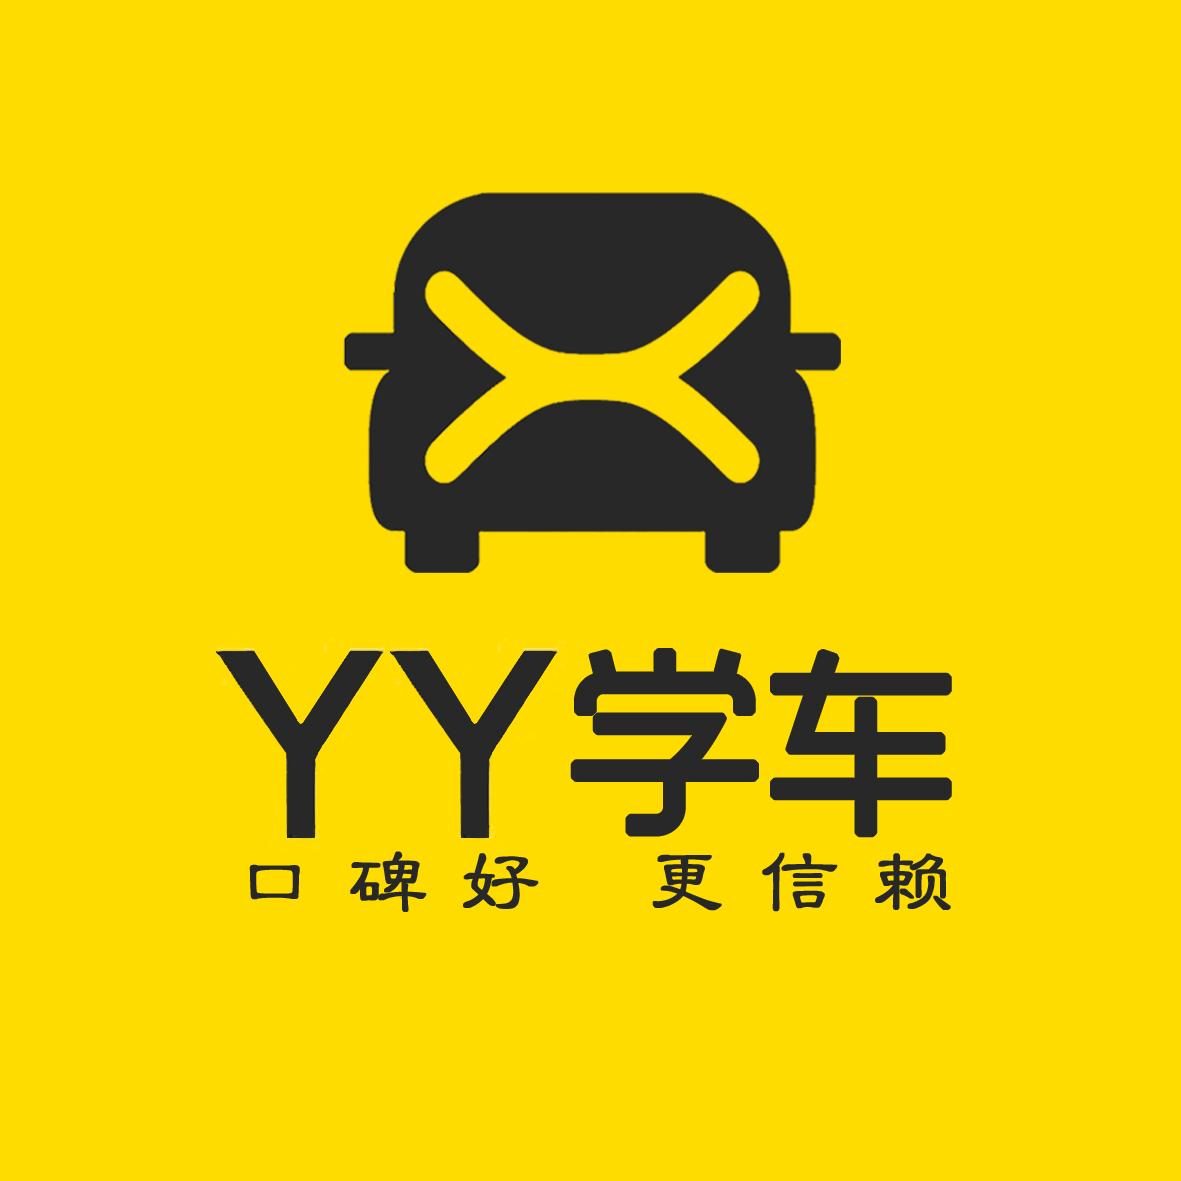 泉州悅悅學車汽車駕駛服務有限公司